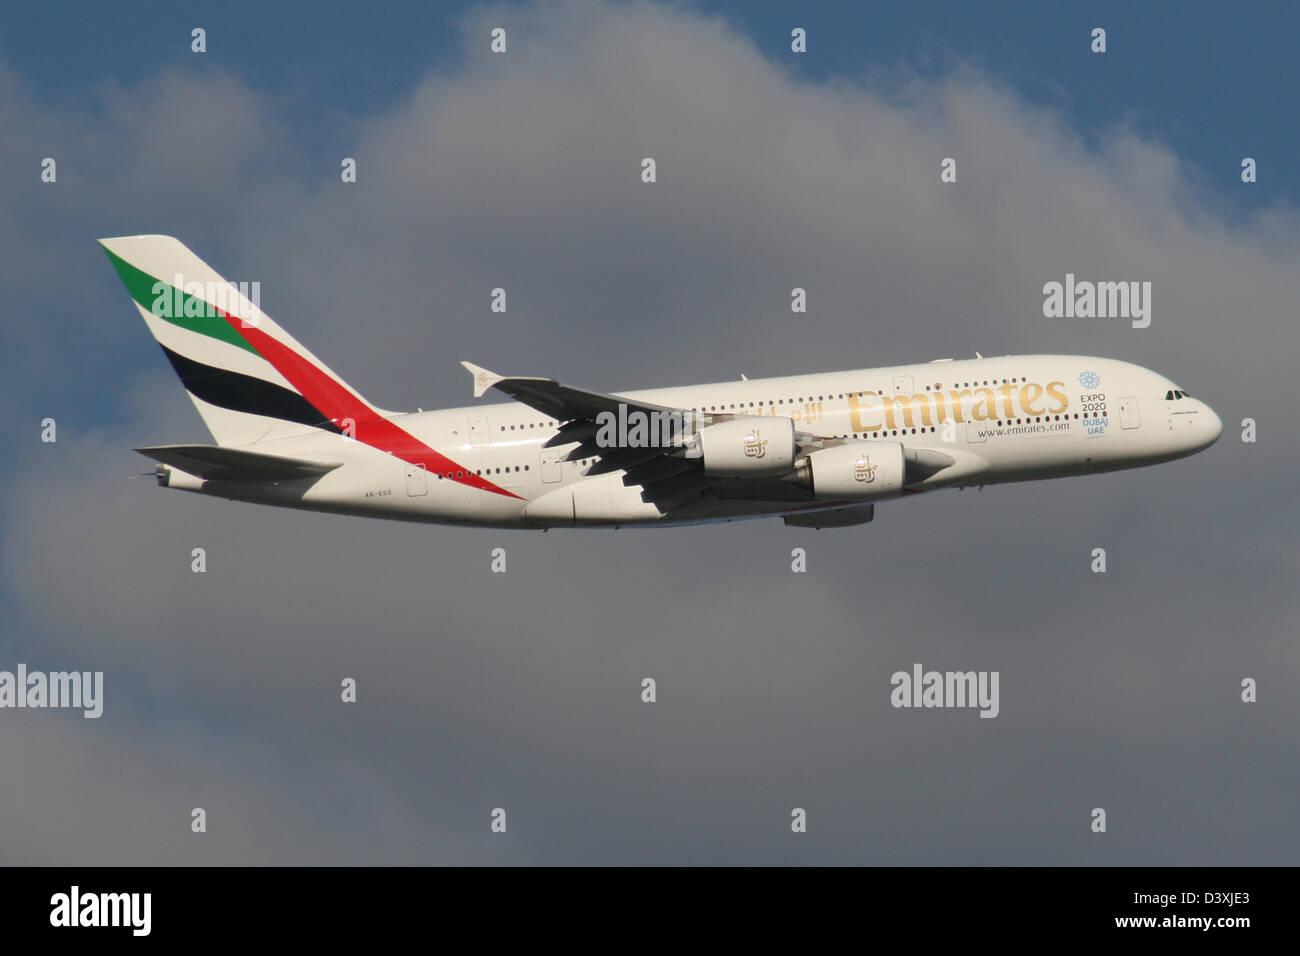 EMIRATES AIRLINE UAE AIRBUS A380 - Stock Image